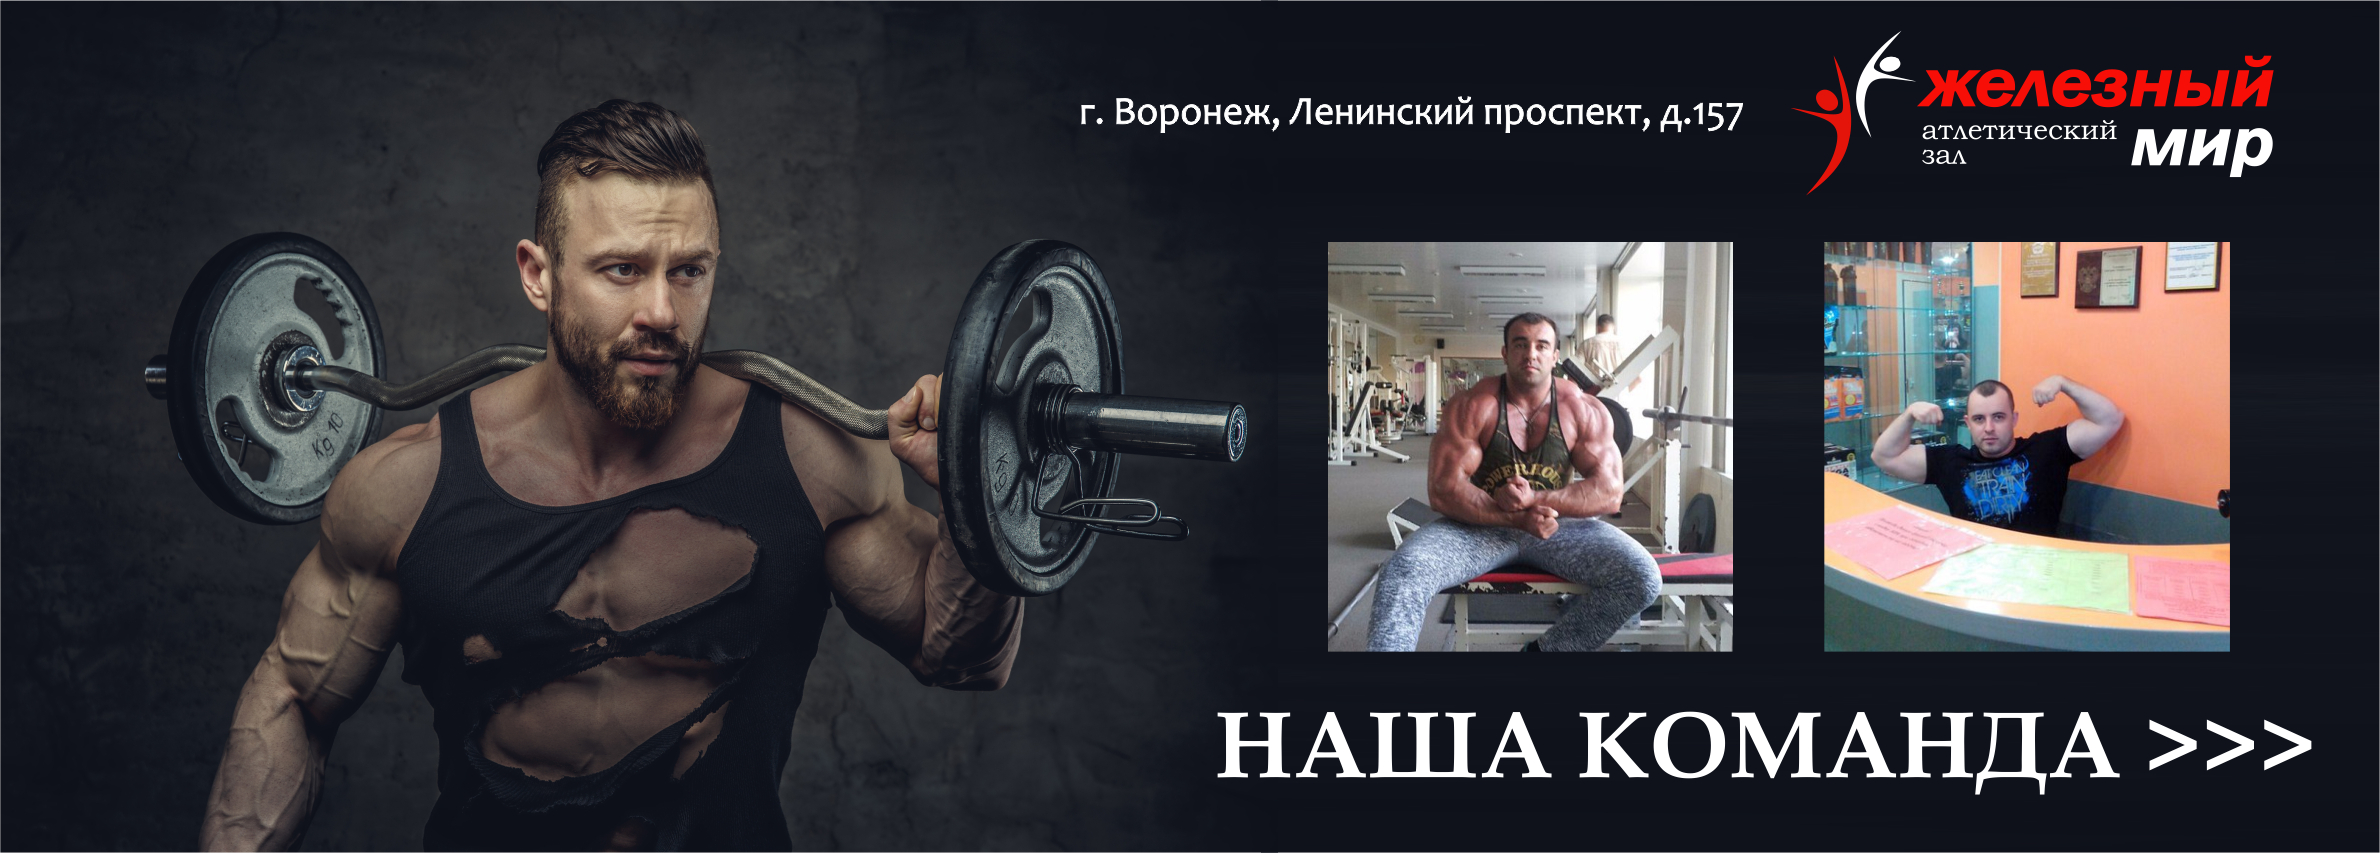 фотогалерея_тренажерный_зал